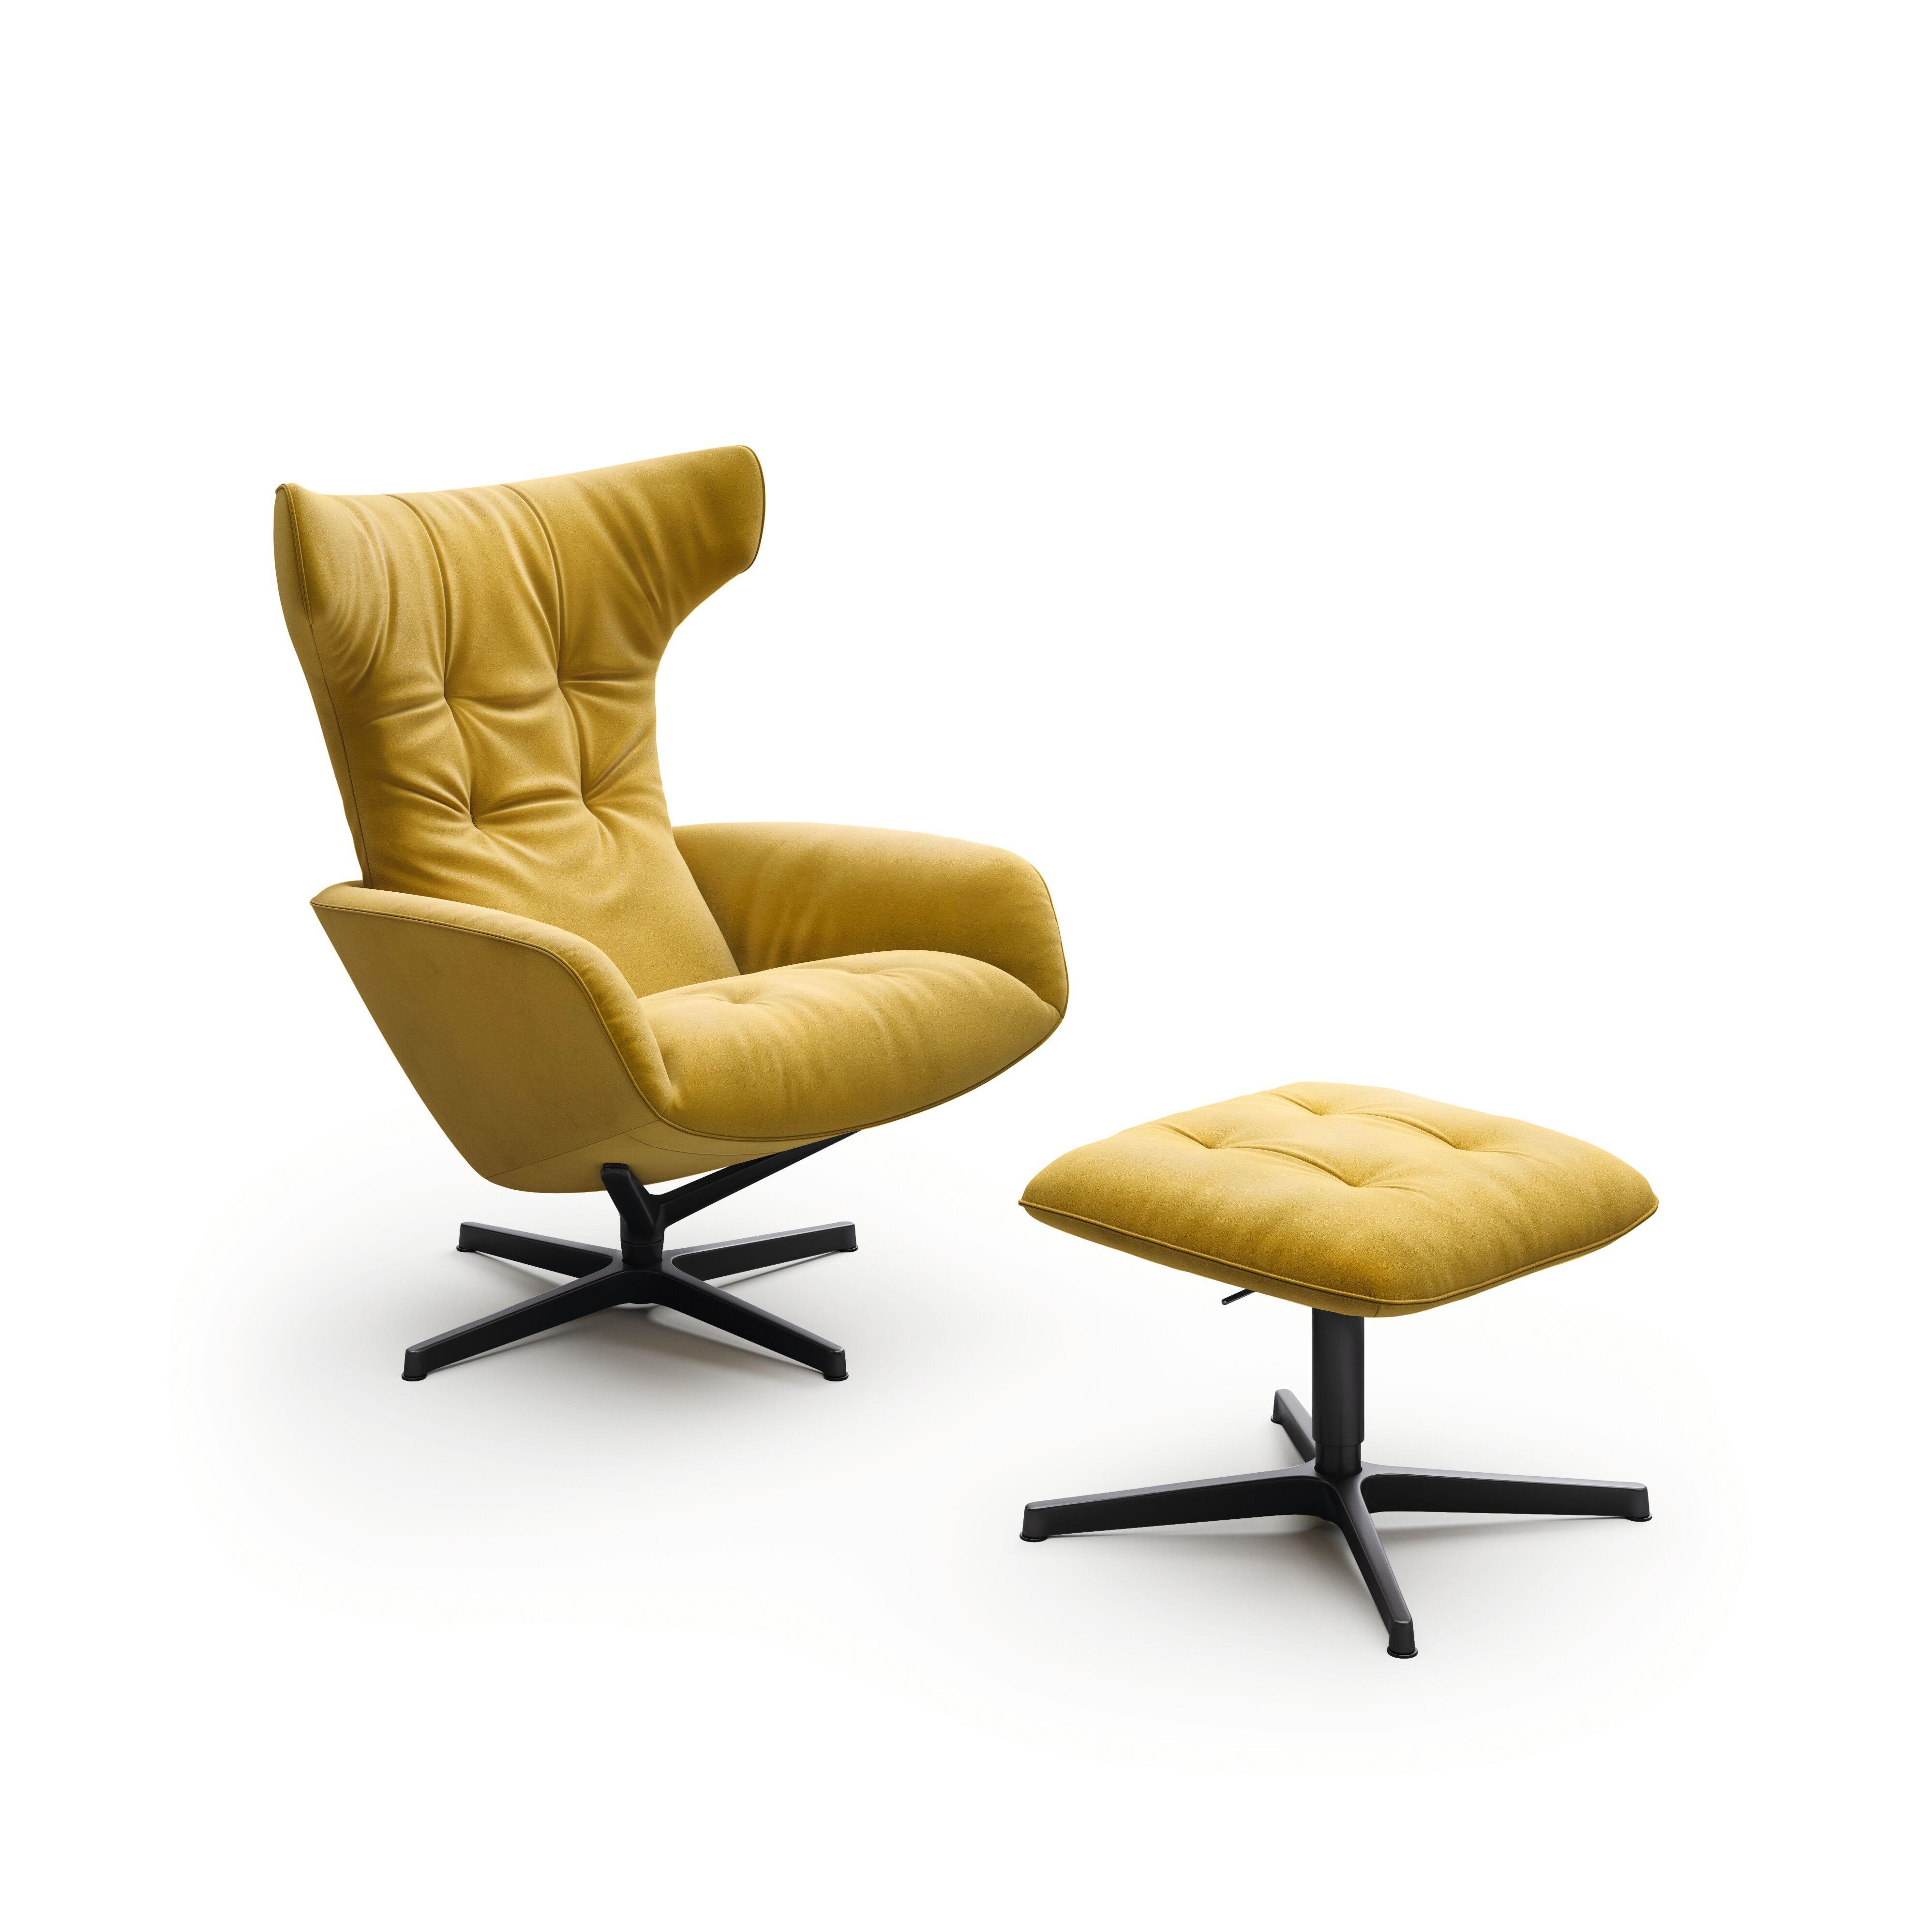 07-WK-Onsa Chair-matt-pulverbeschichtet, schwarz-0020-H.tif